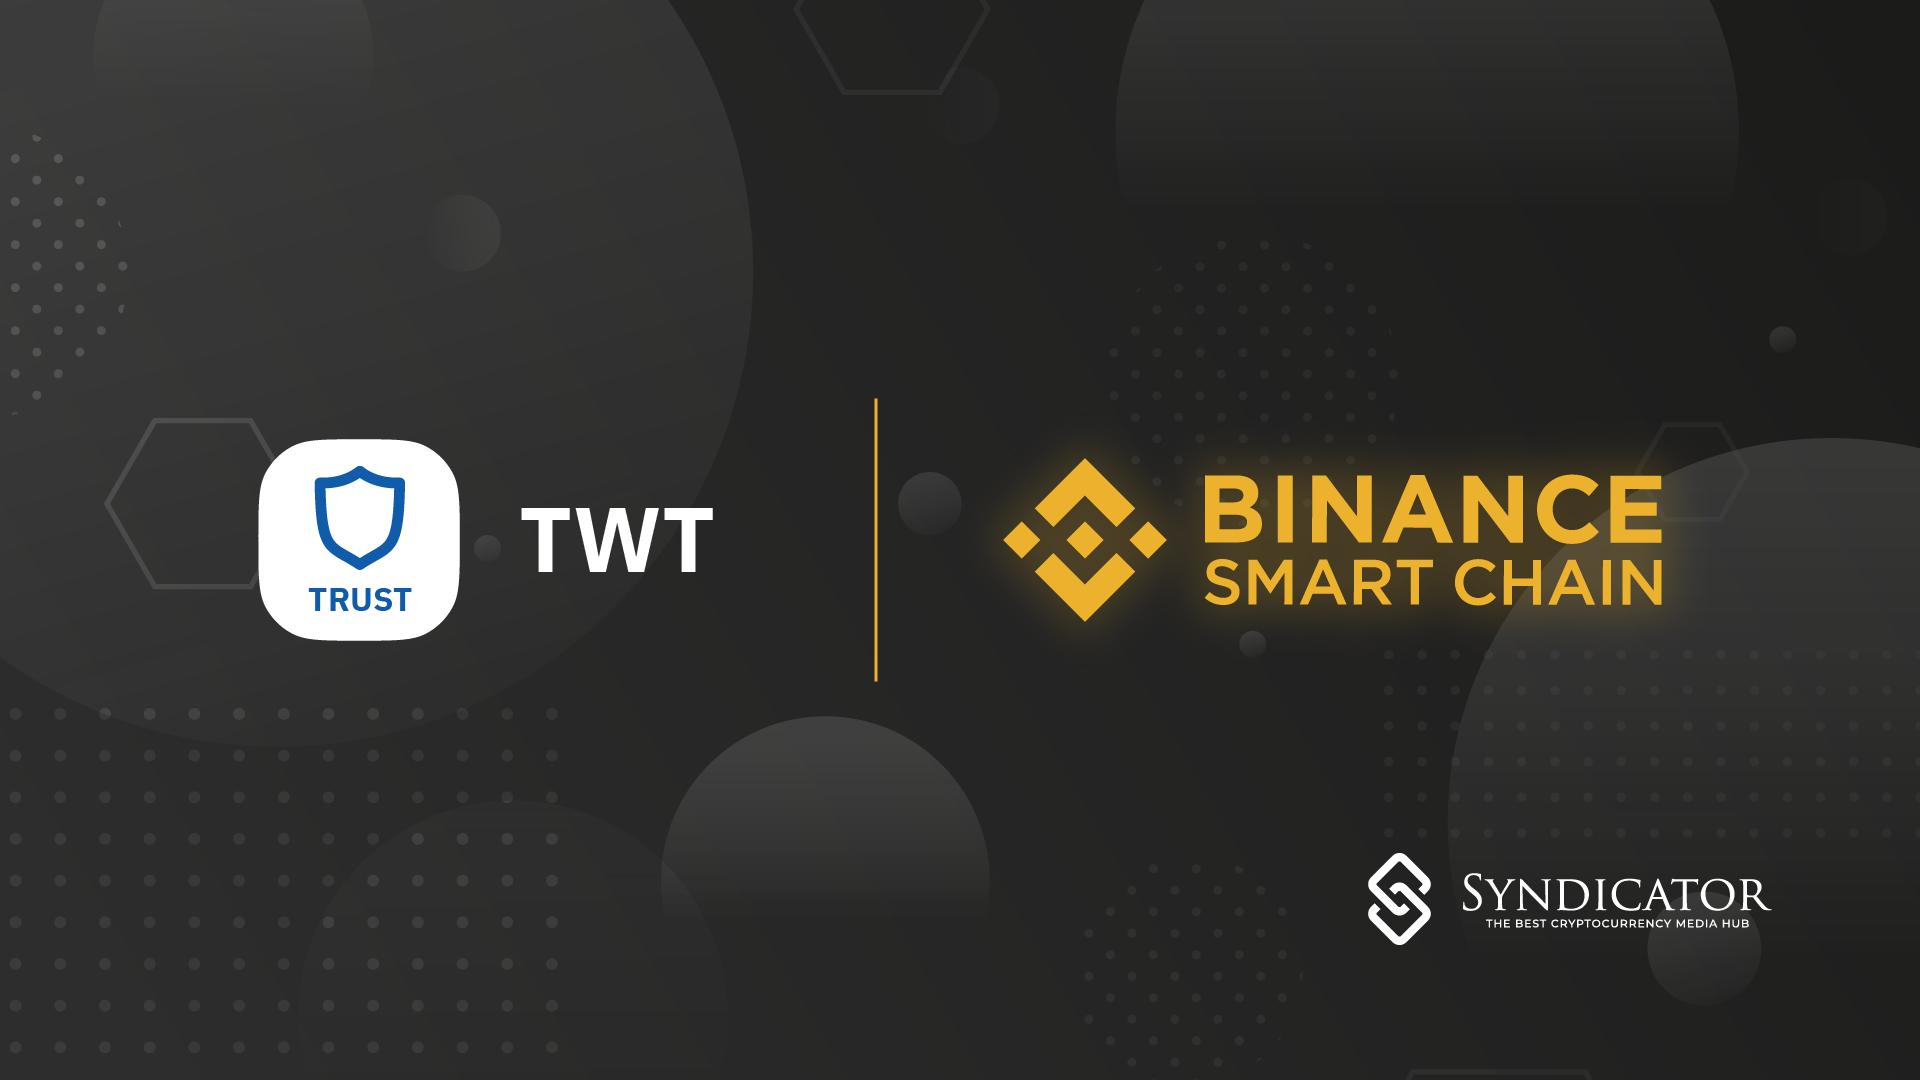 TWT hiện đã khả dụng trên Binance Smart Chain | Syndicator